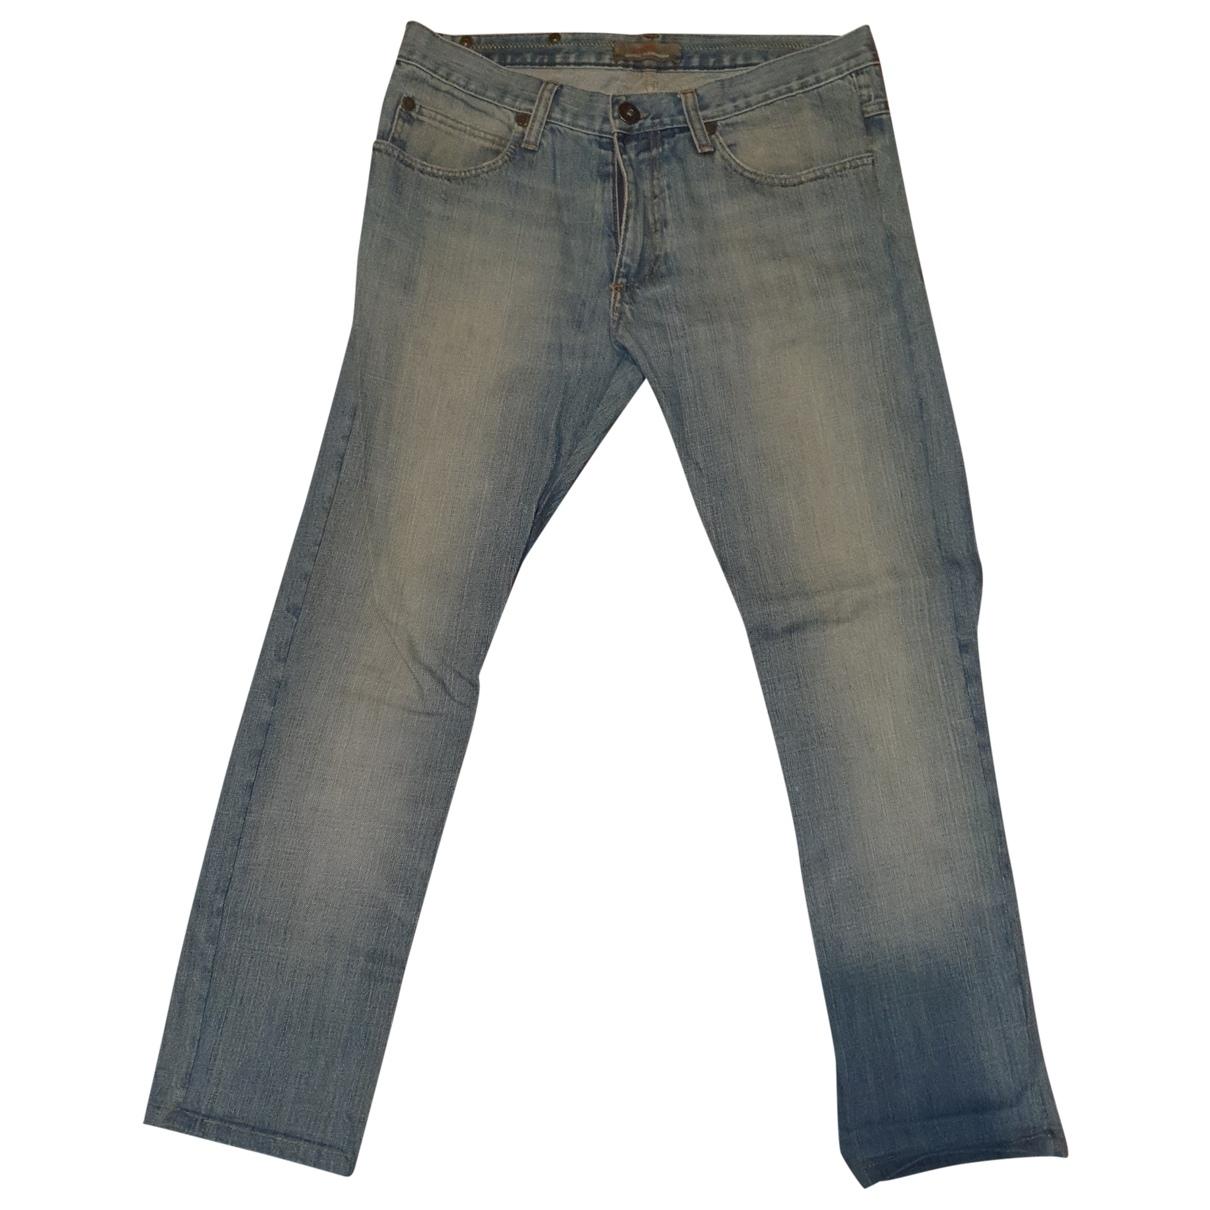 Daniele Alessandrini \N Cotton Jeans for Men 40 - 42 FR